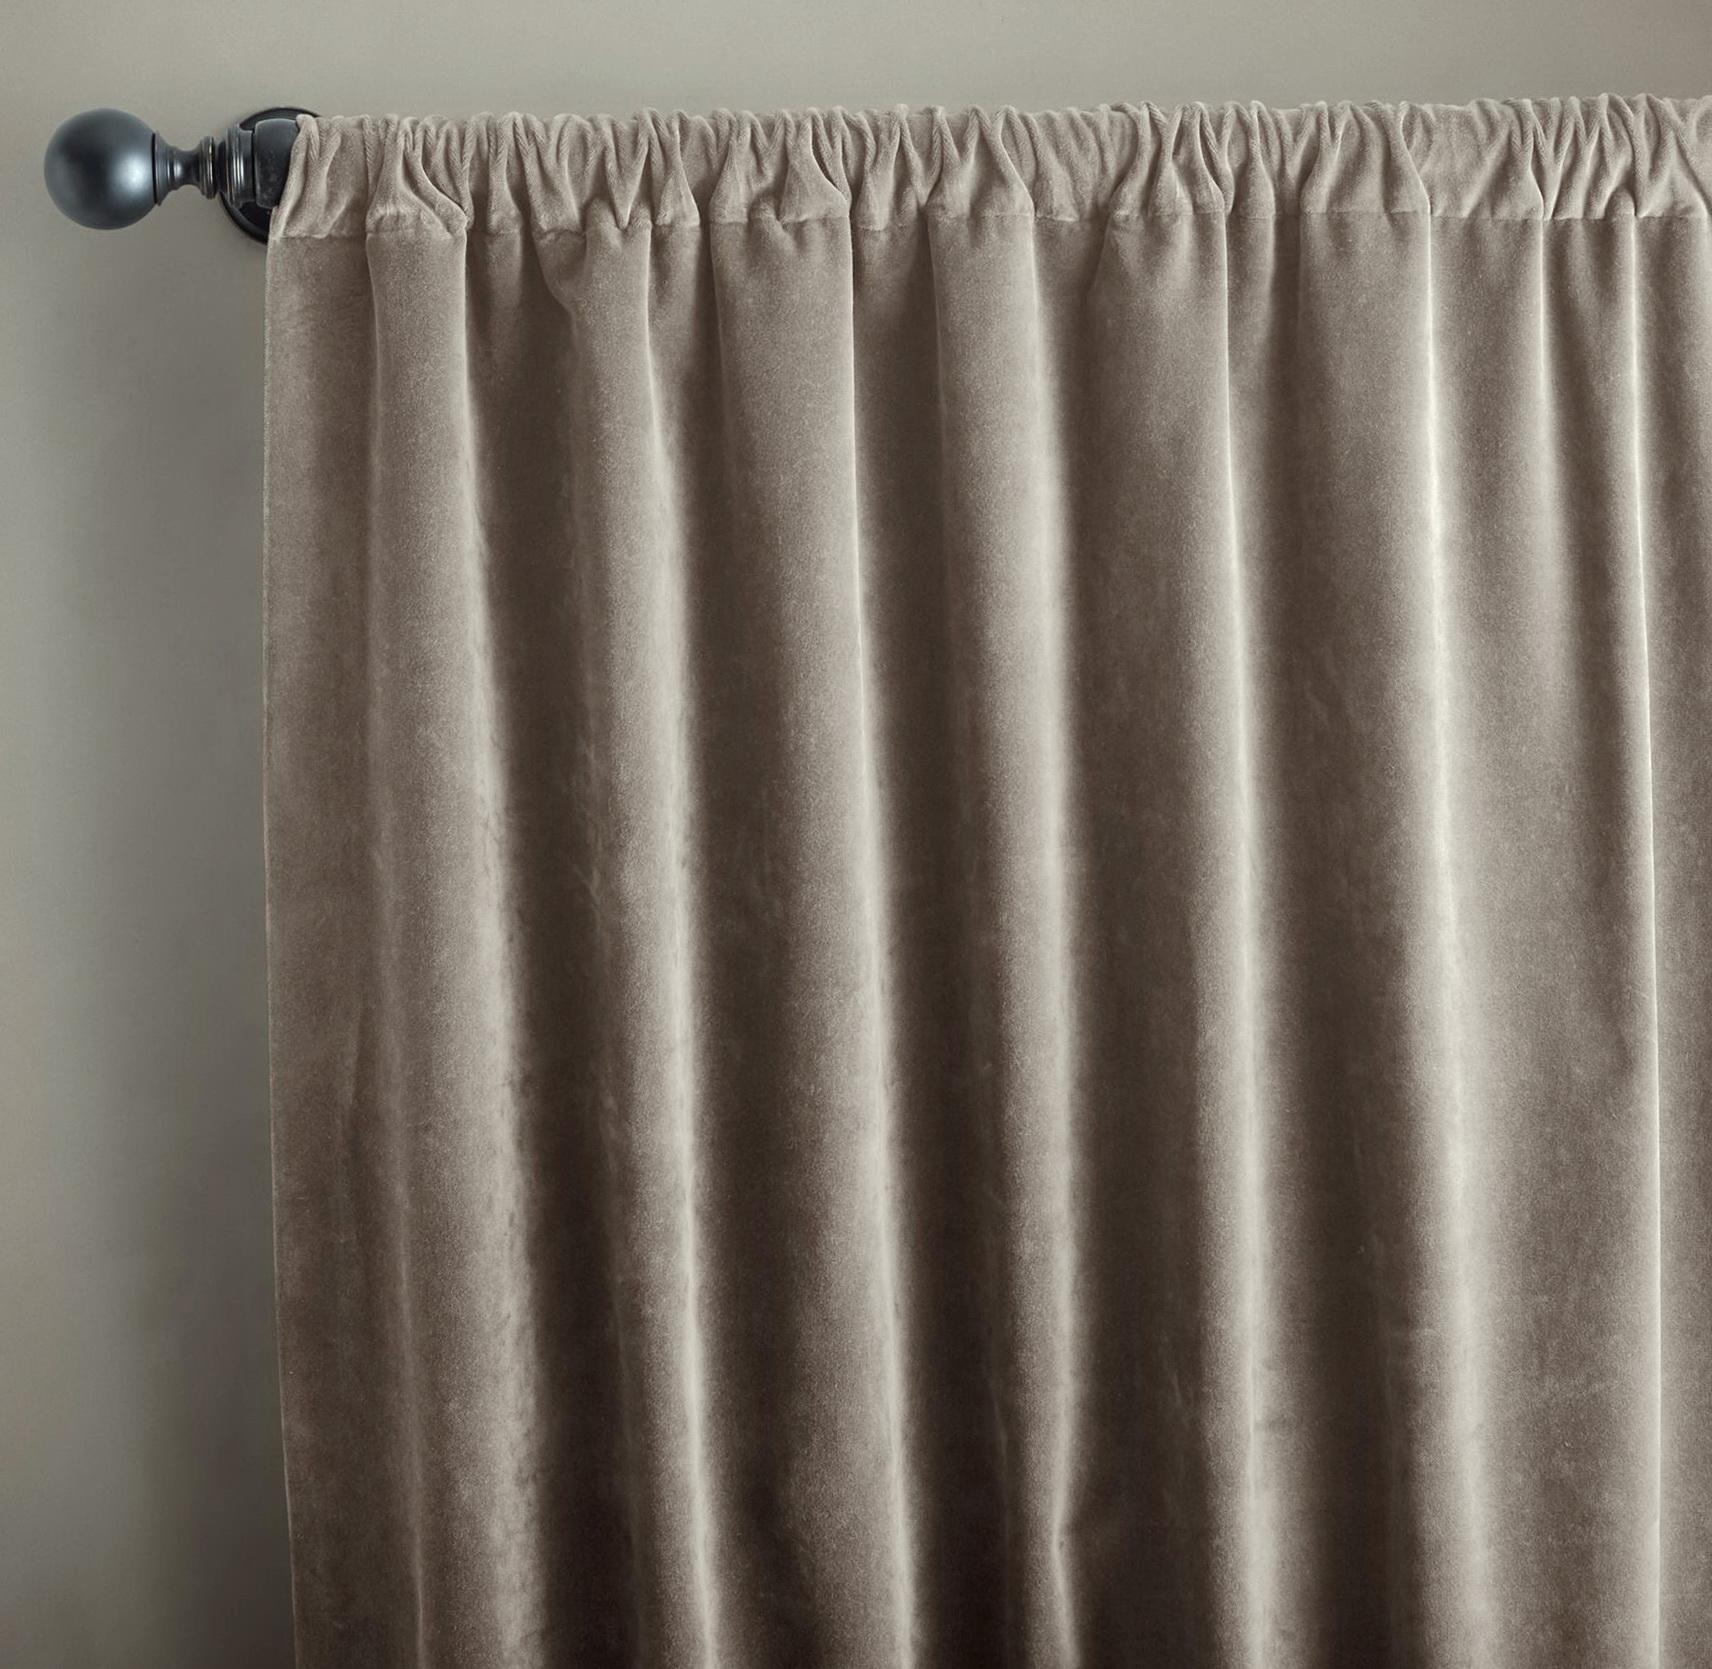 Restoration Hardware Curtains Ebay Home Design Ideas